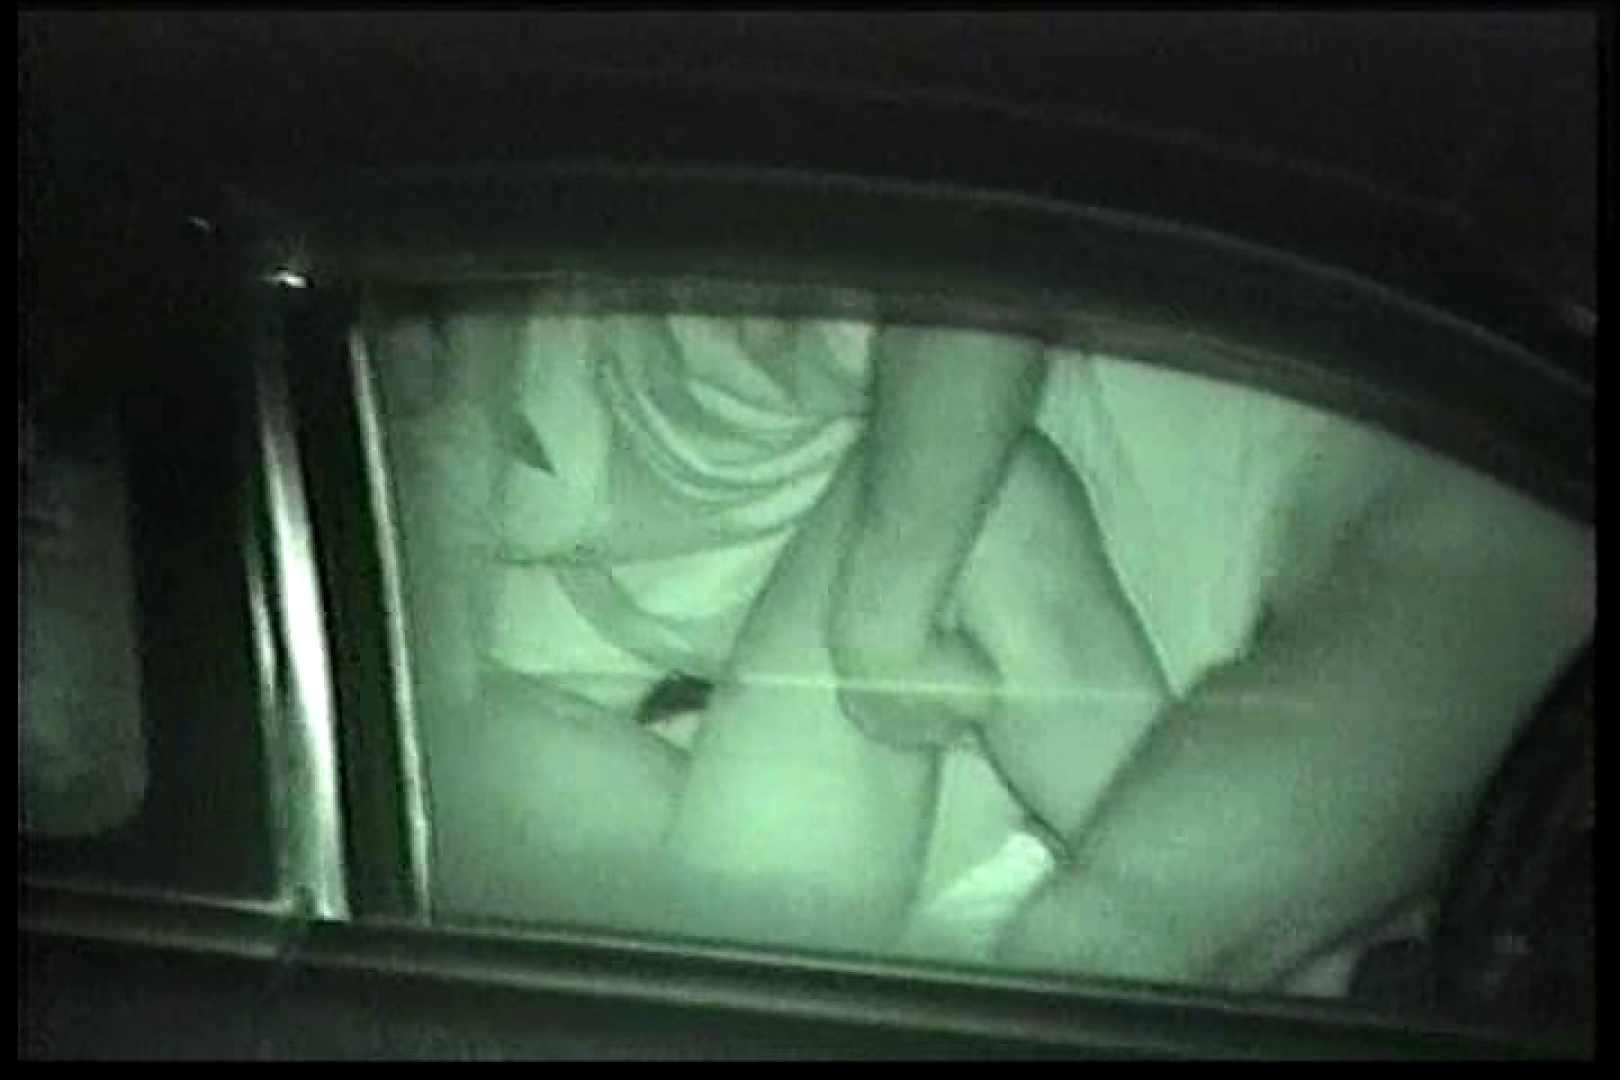 車の中はラブホテル 無修正版  Vol.11 車中はめどり スケベ動画紹介 86画像 75